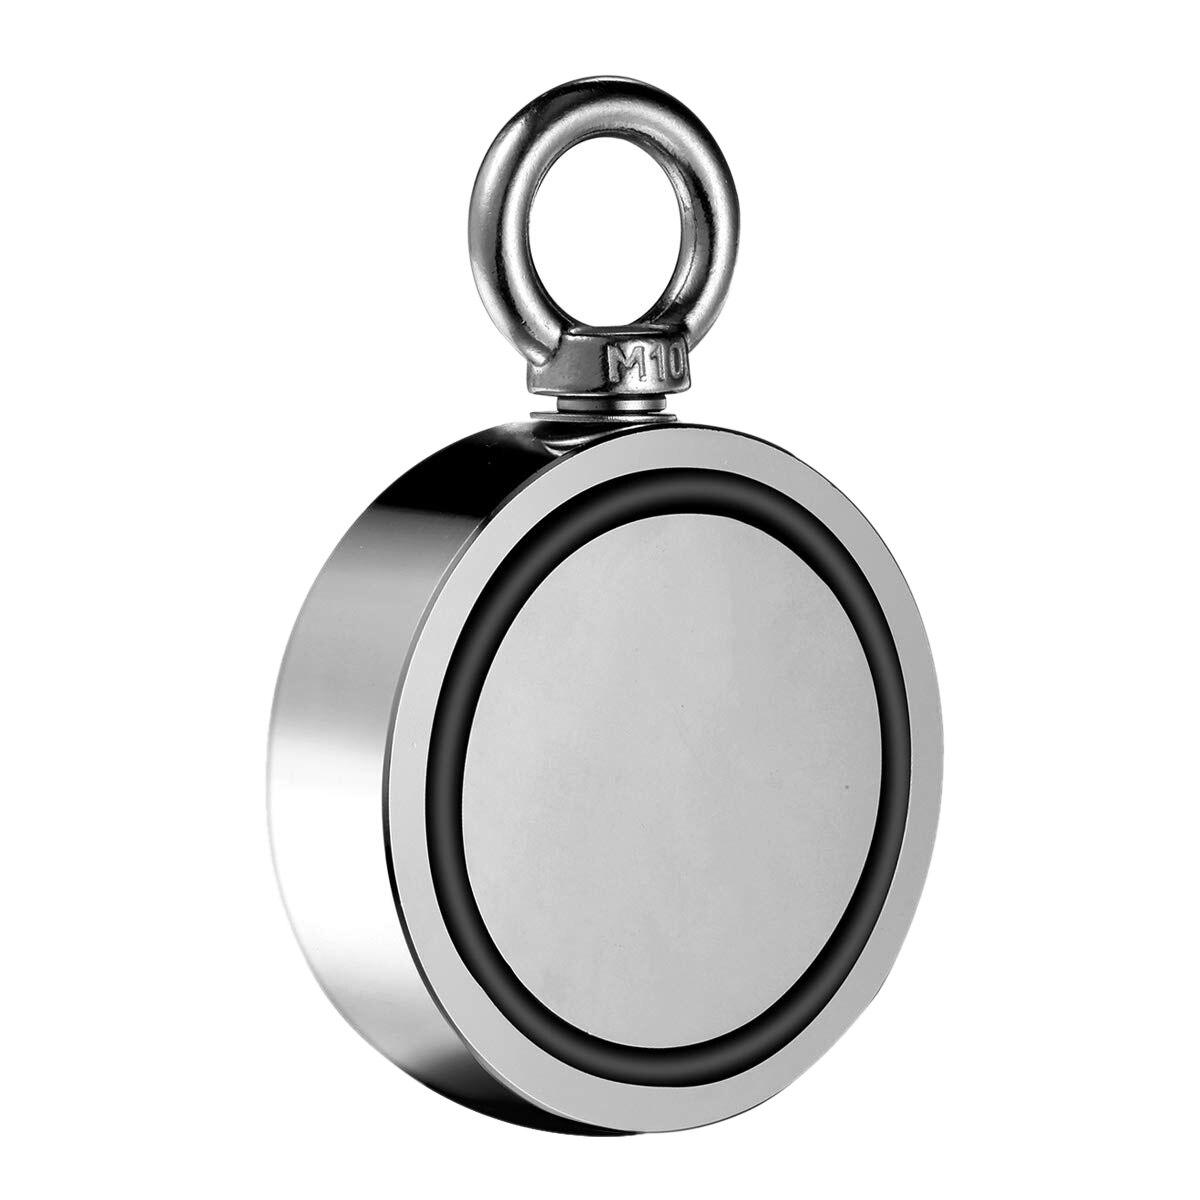 SHGO CHAUDE-Double Face Néodyme Aimants De Pêche, 94 Mm Diamètre, Combiné 1696Lbs (770Kg) force de traction Rare Earth Aimant Aimant